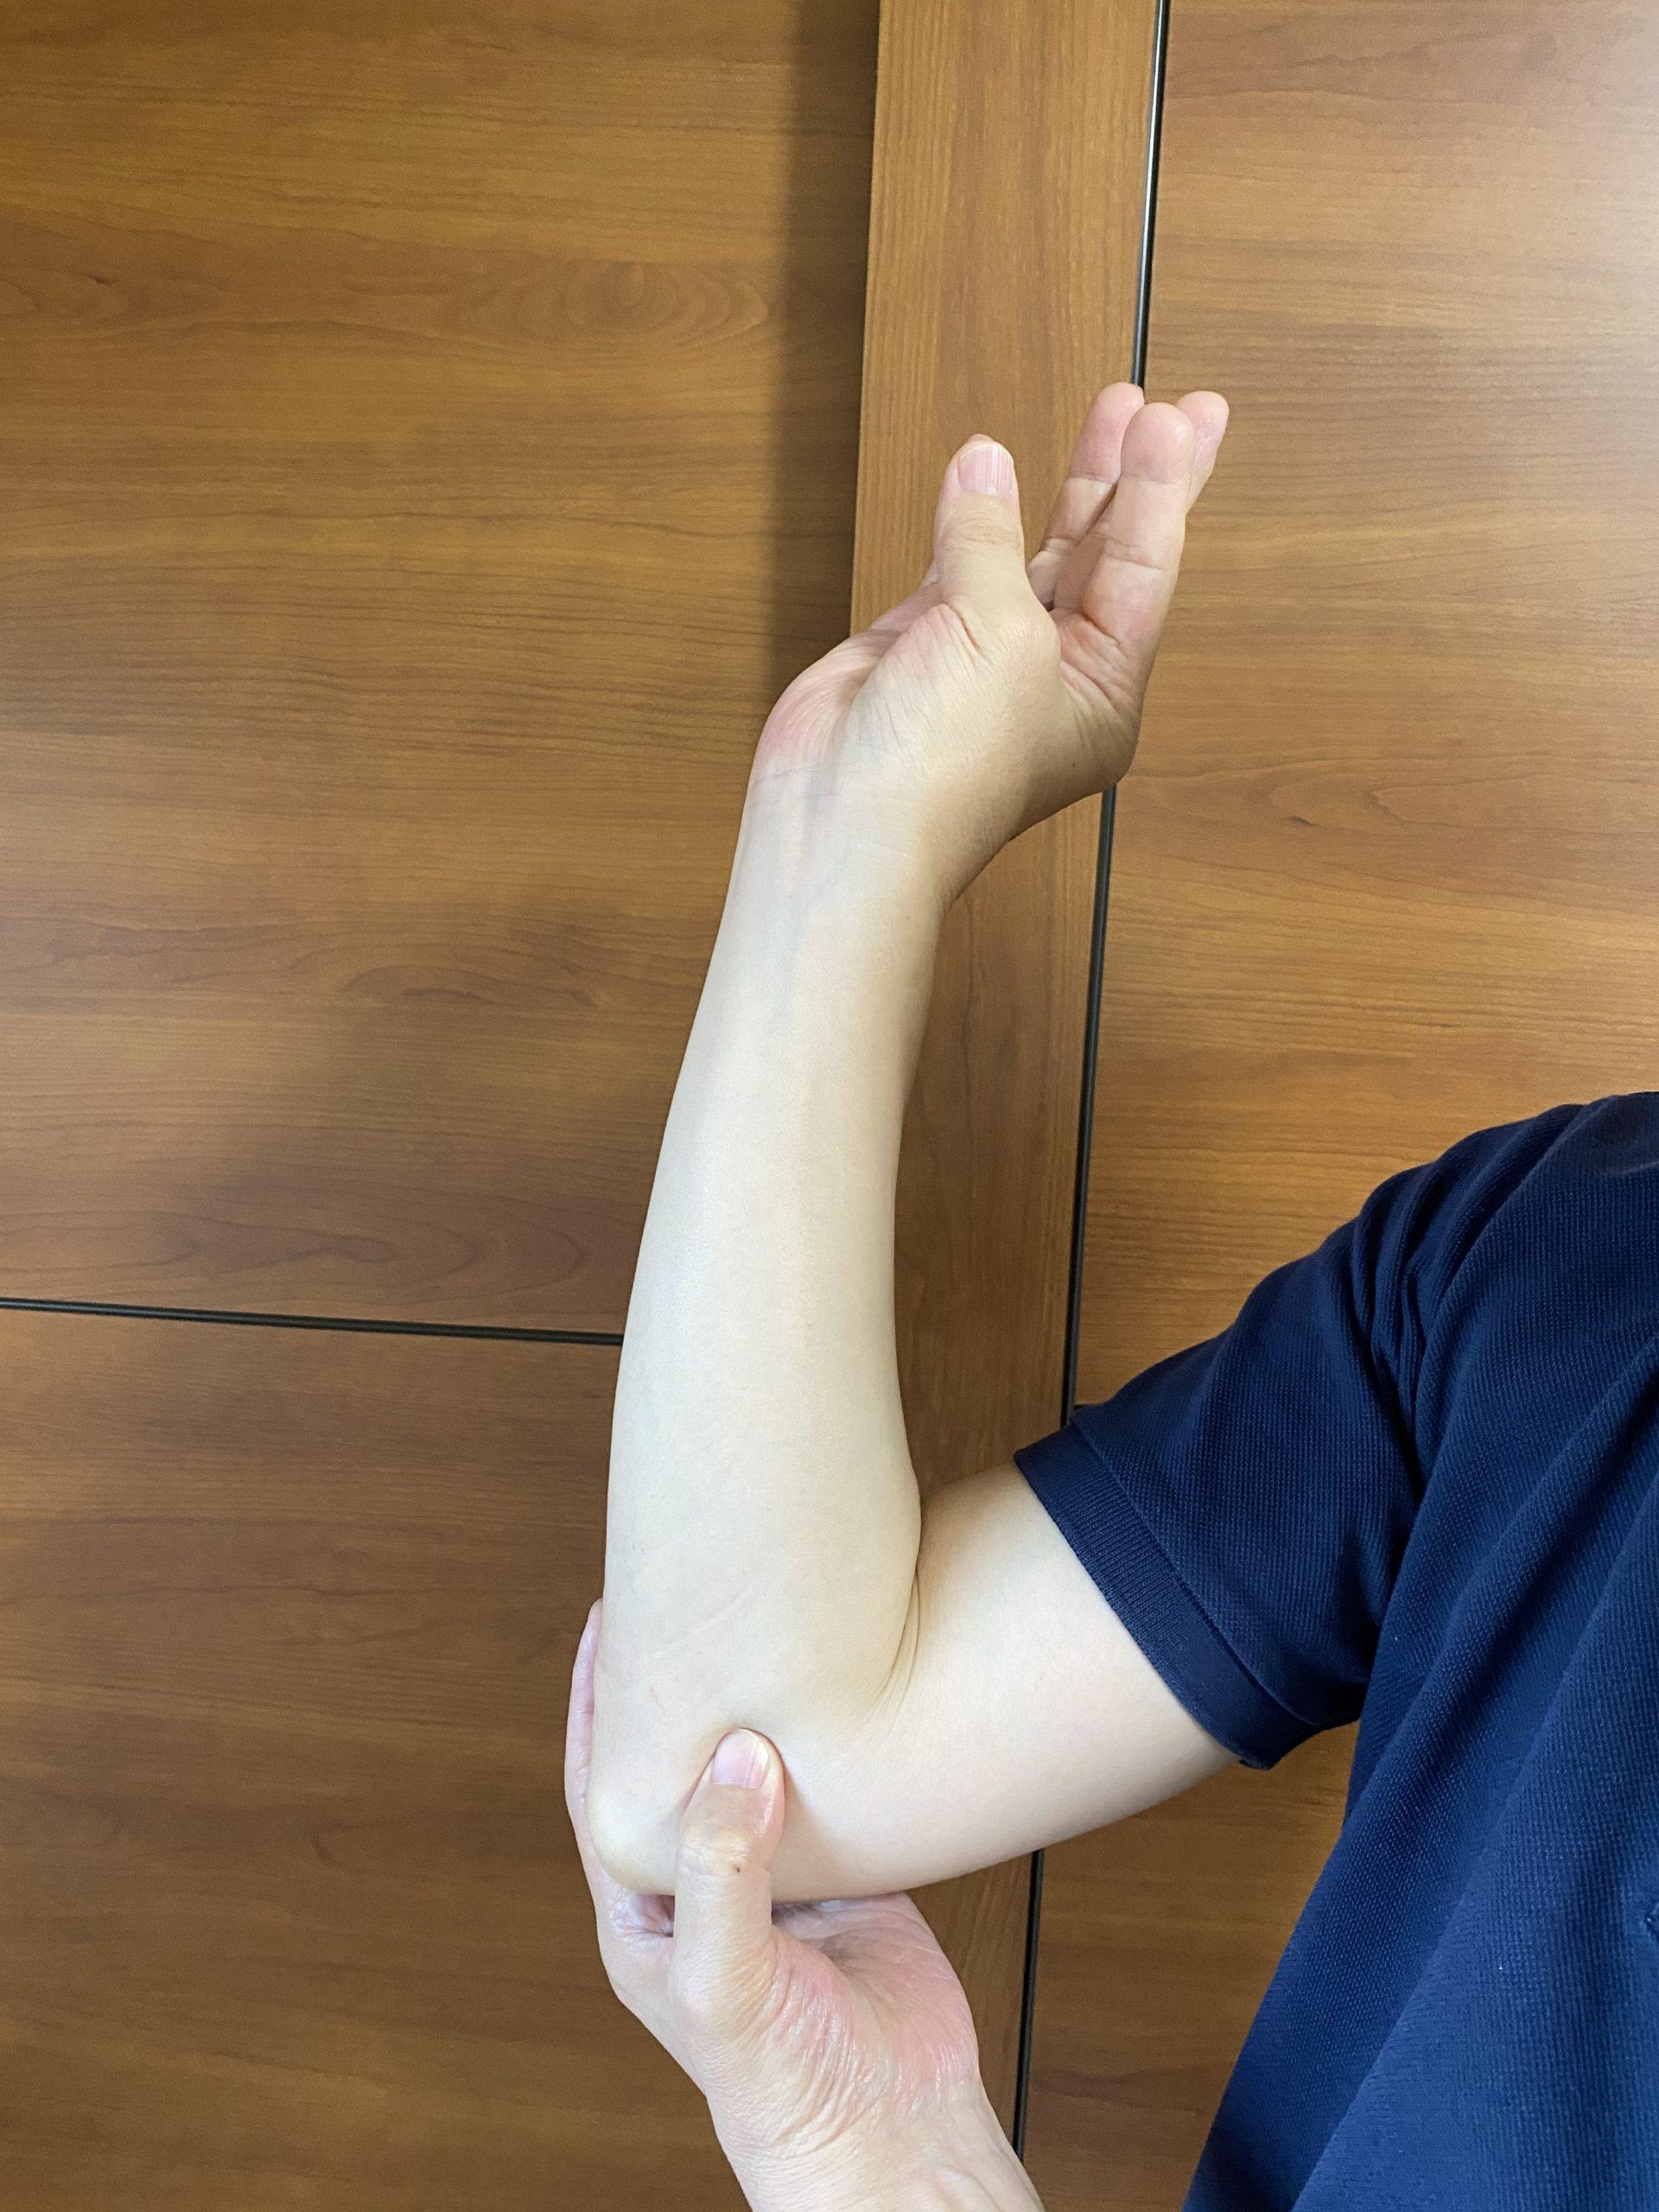 関節リウマチの肩の痛みを取るコツ